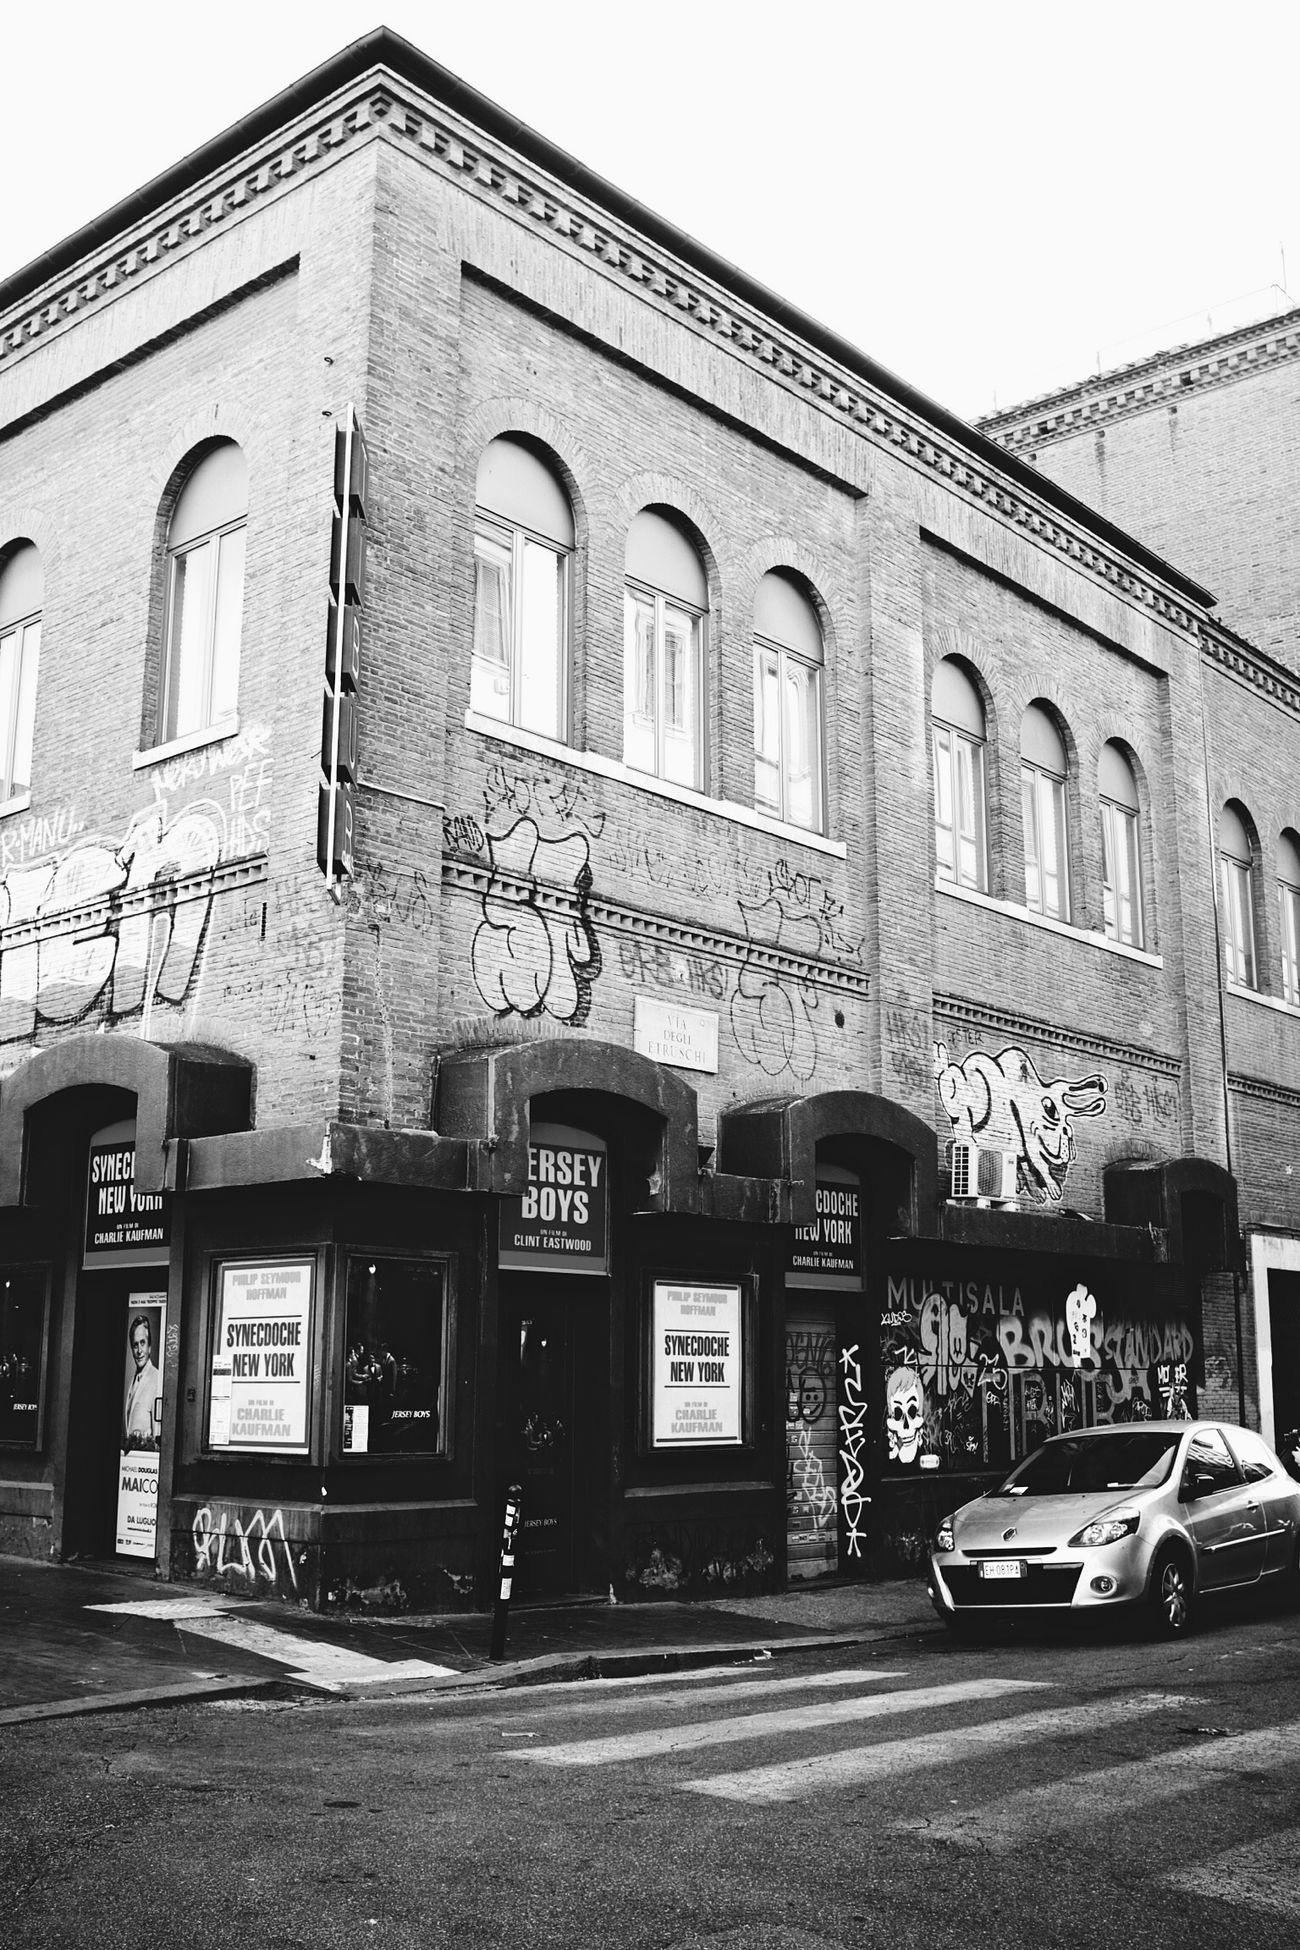 Rabbit's Wall - Streetphotography Streetart Monochrome VSCO Vscocam Blackandwhite